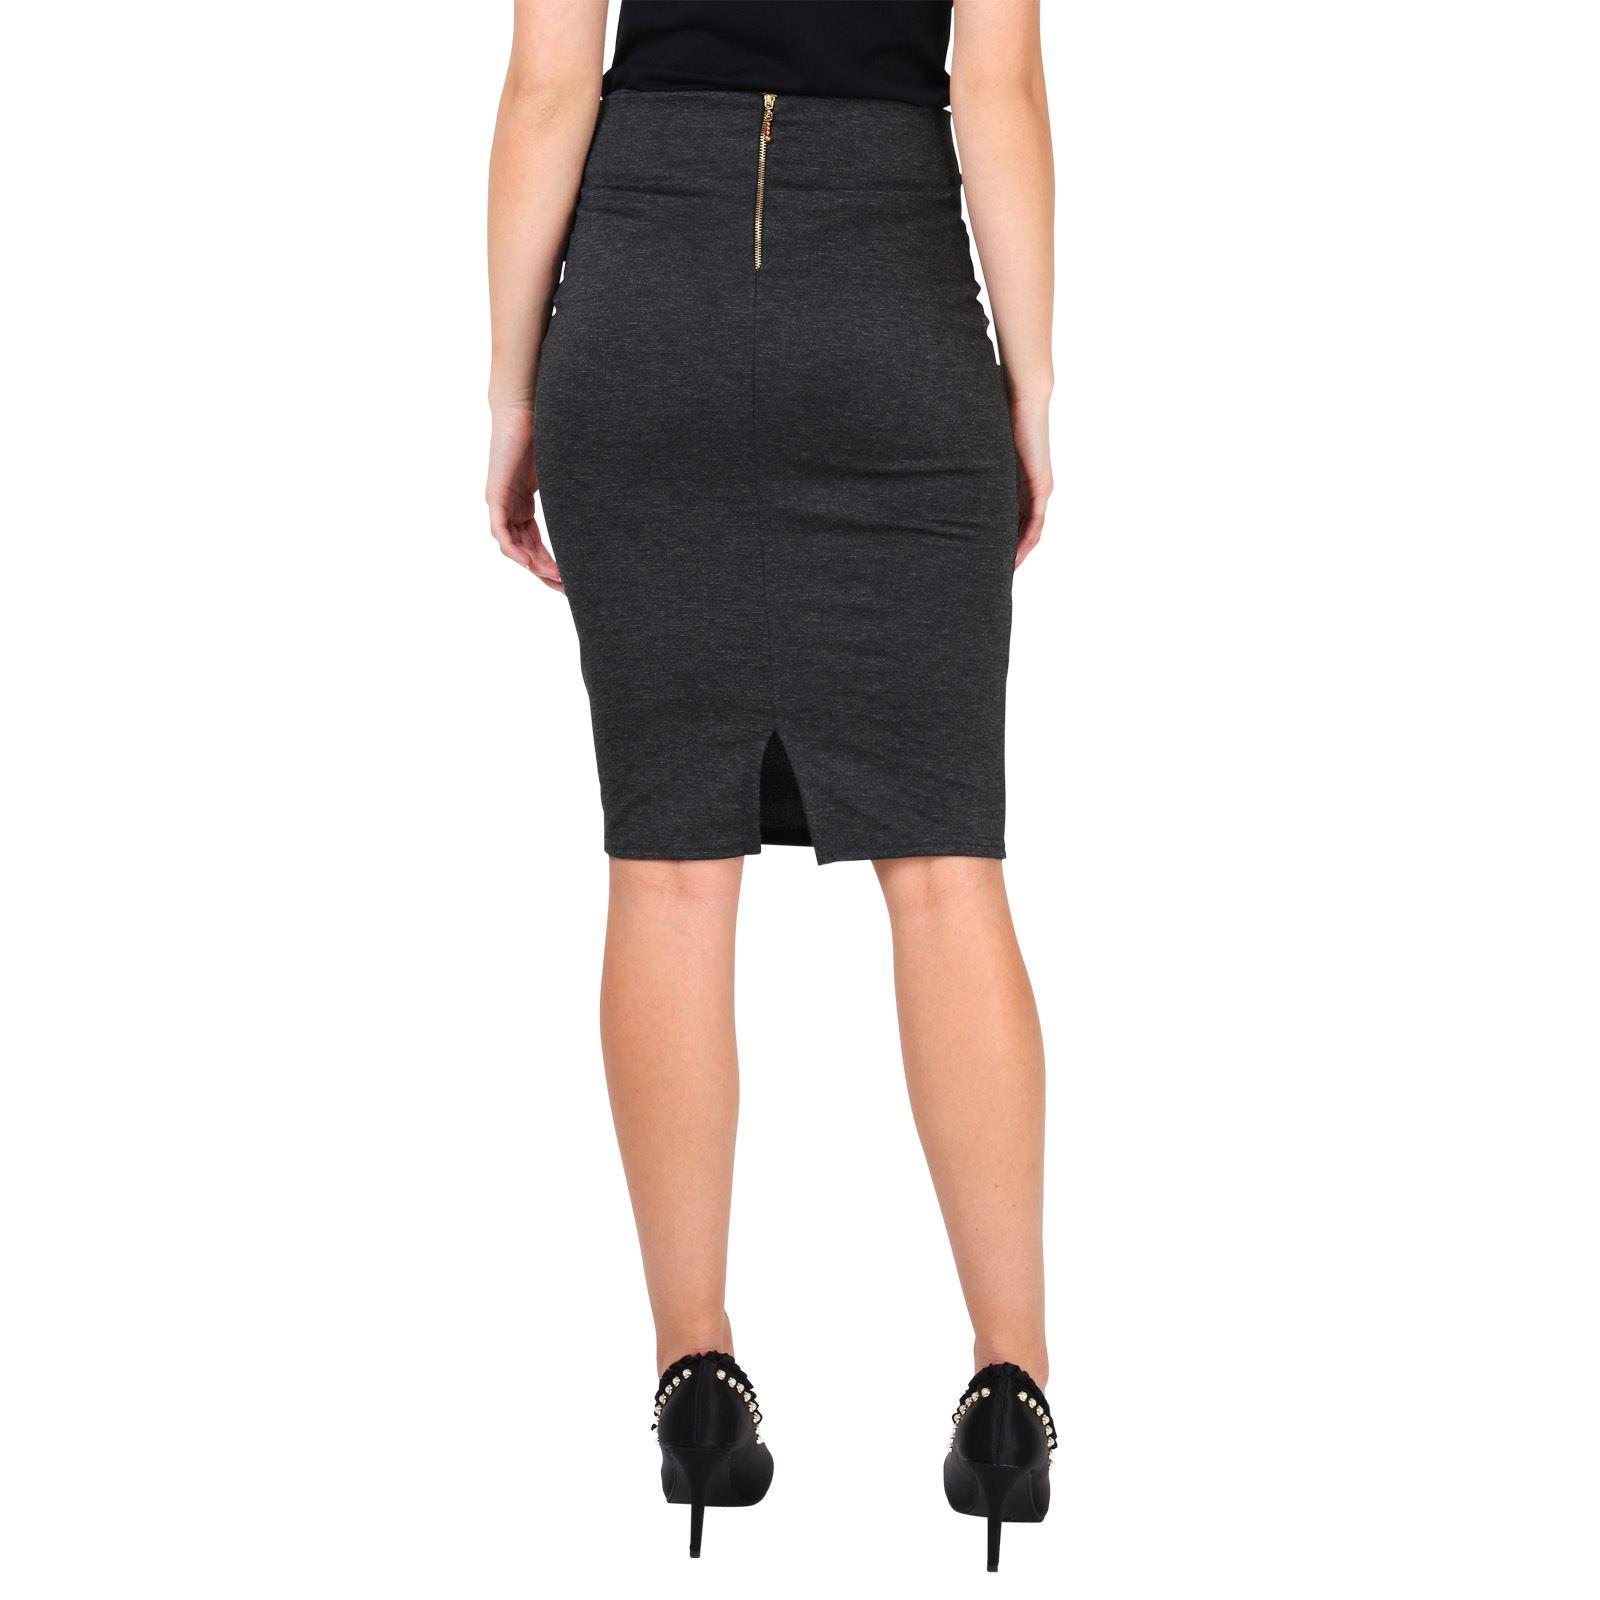 8c15e4b8f9008 Details zu Damen Knielanger Rock Business Kleidung Eleganter Bleistiftrock  Figurbetont